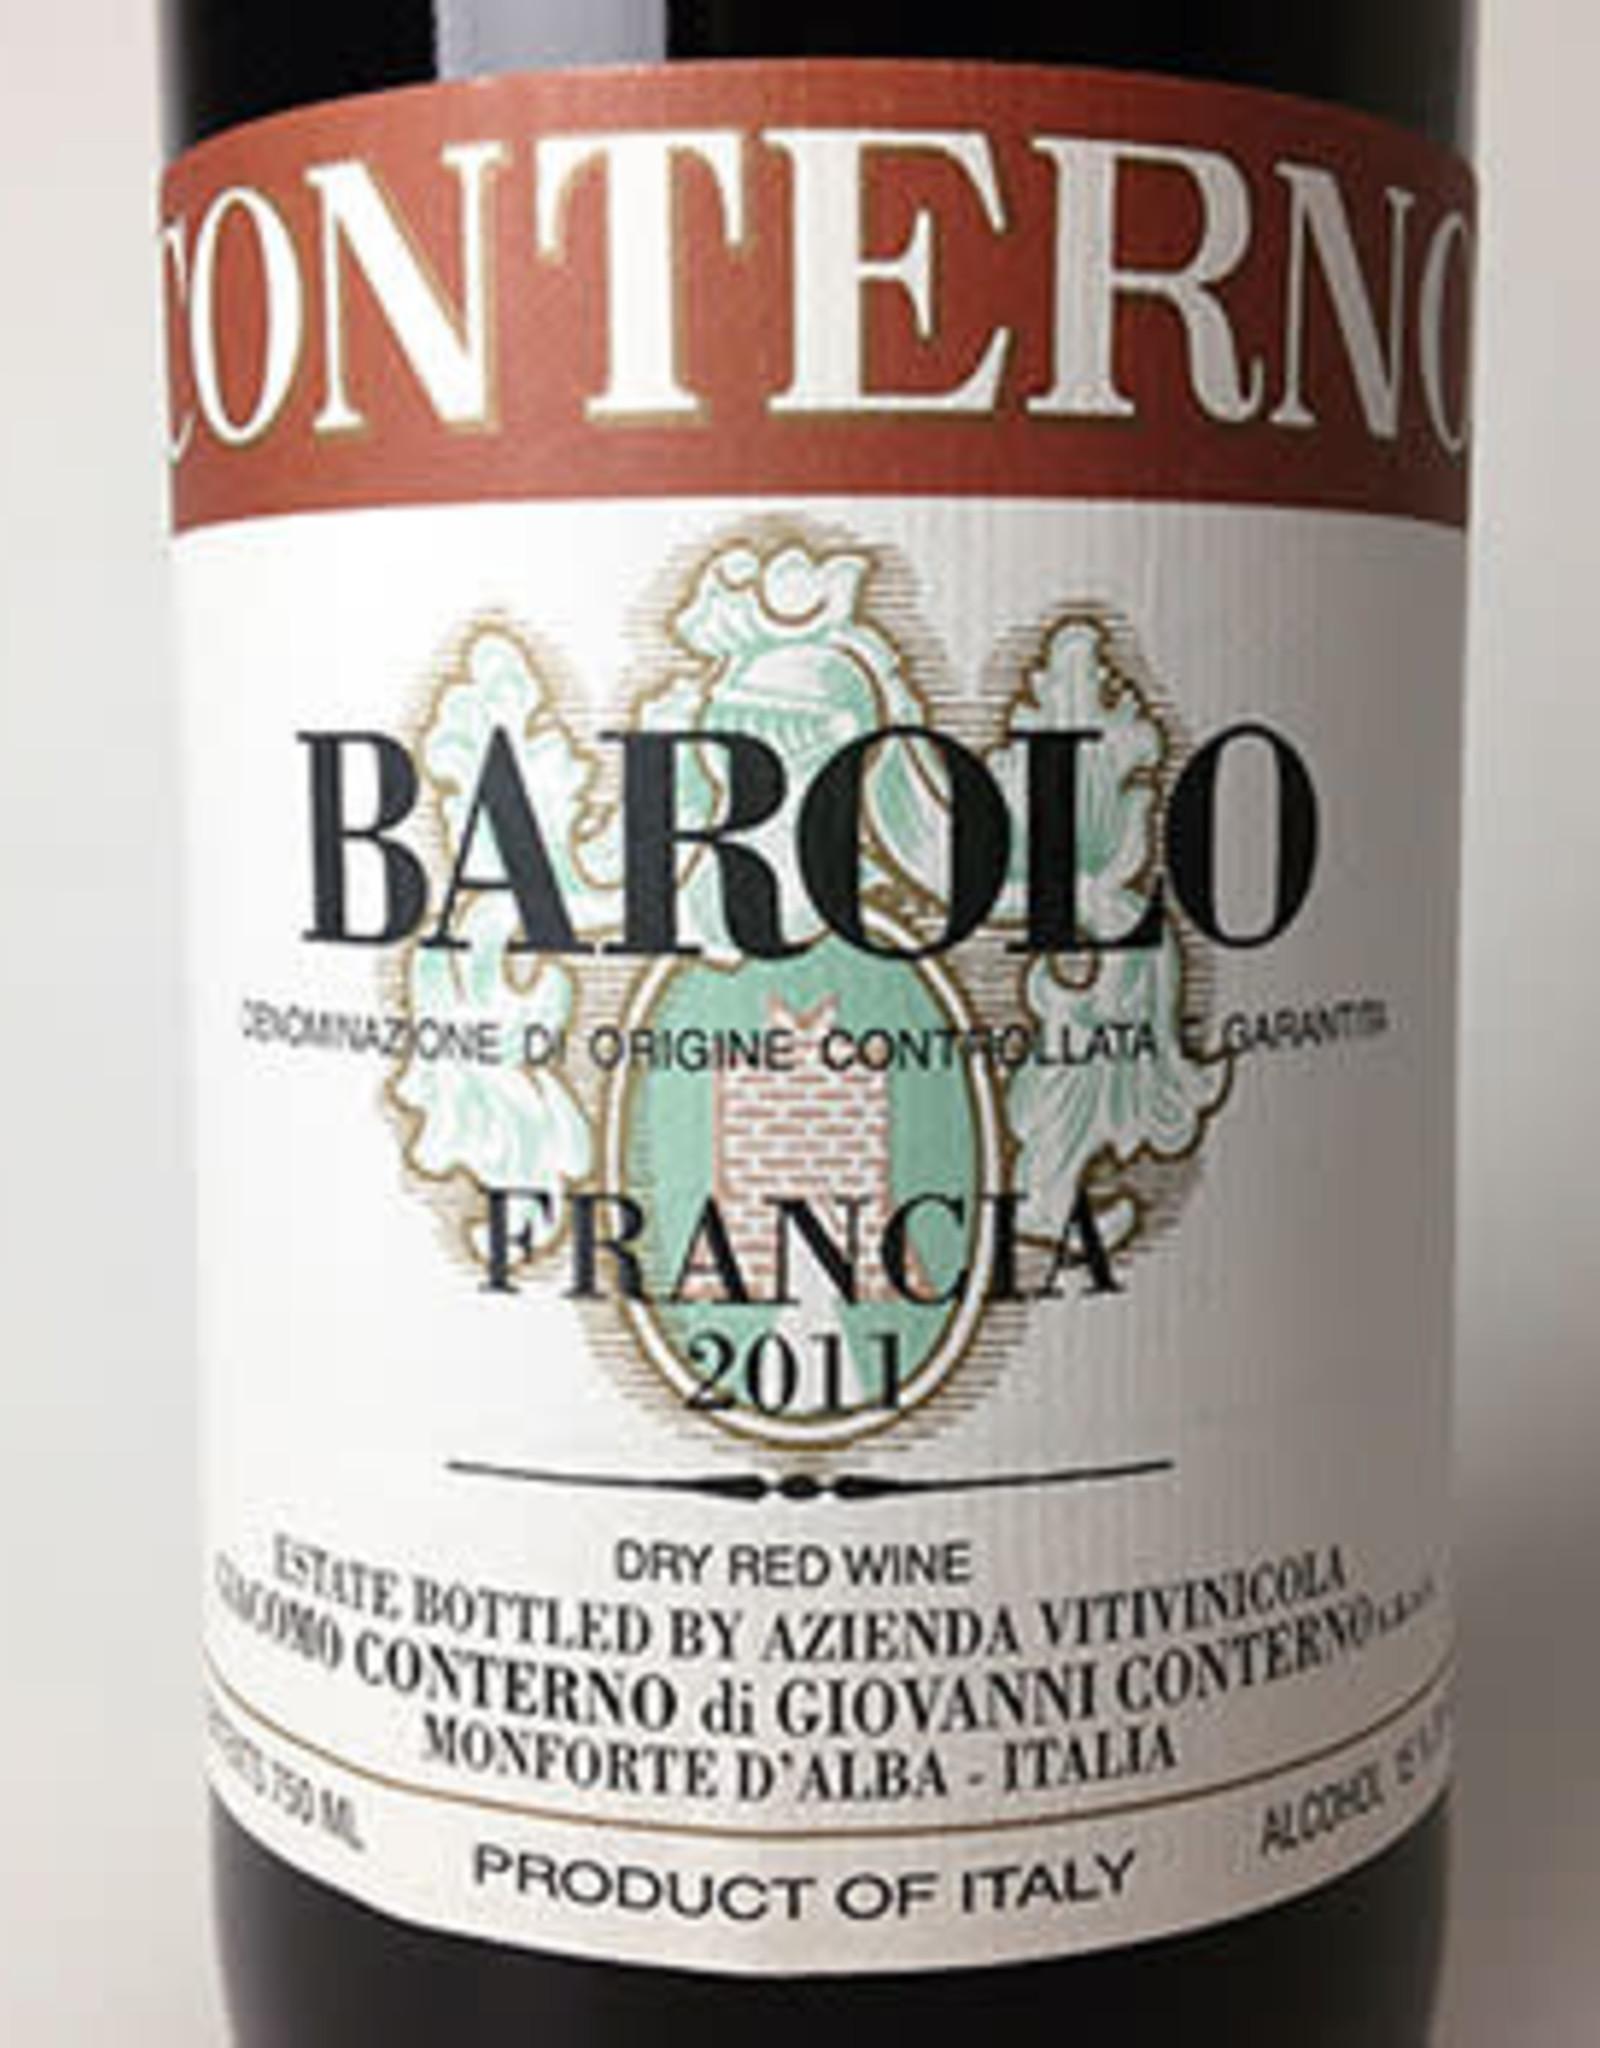 Barolo, FRANCIA, Giacomo Conterno 2012